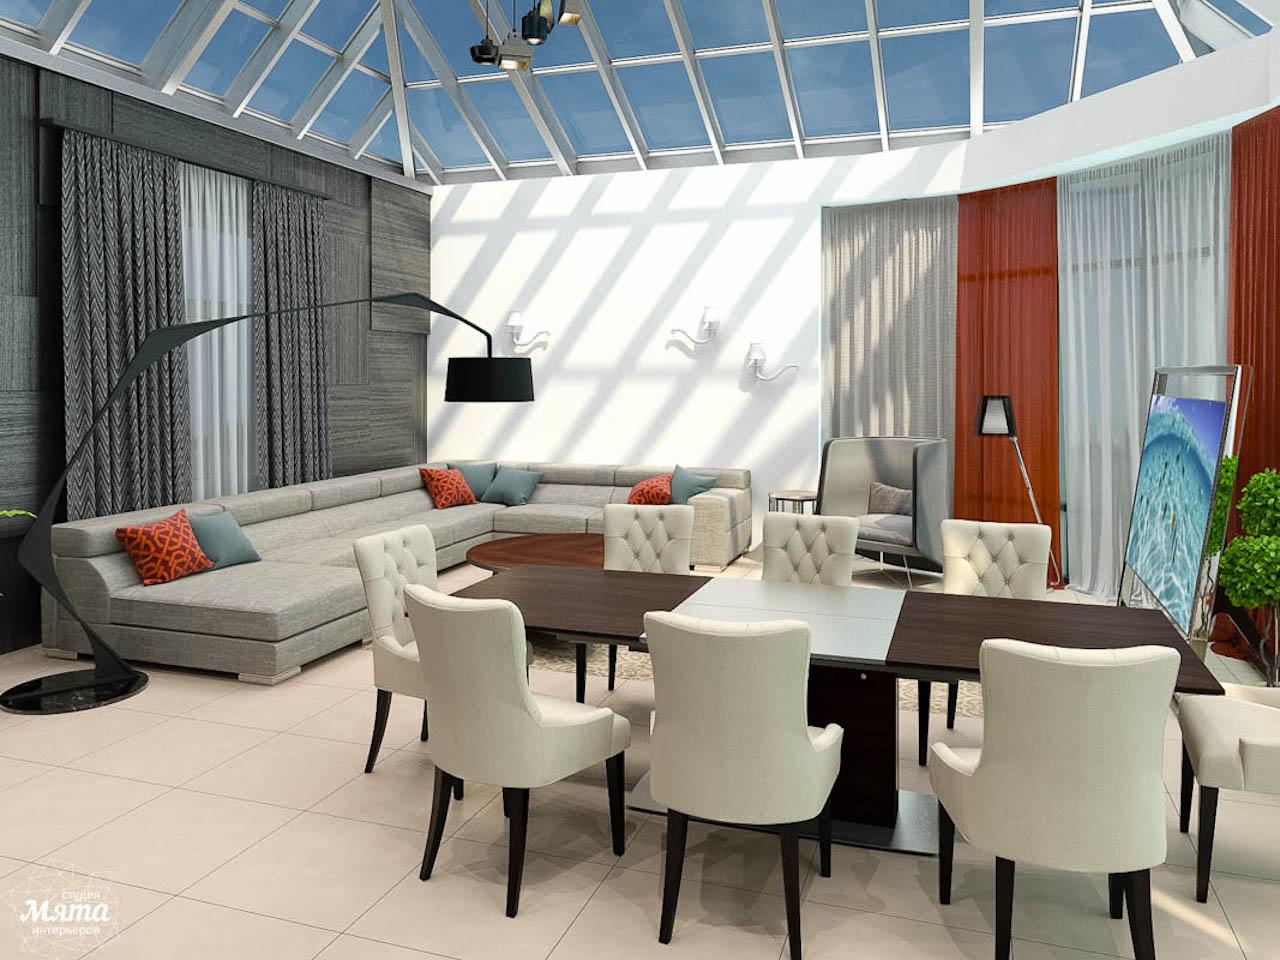 Дизайн интерьера коттеджа в п. Дубрава img1968249447